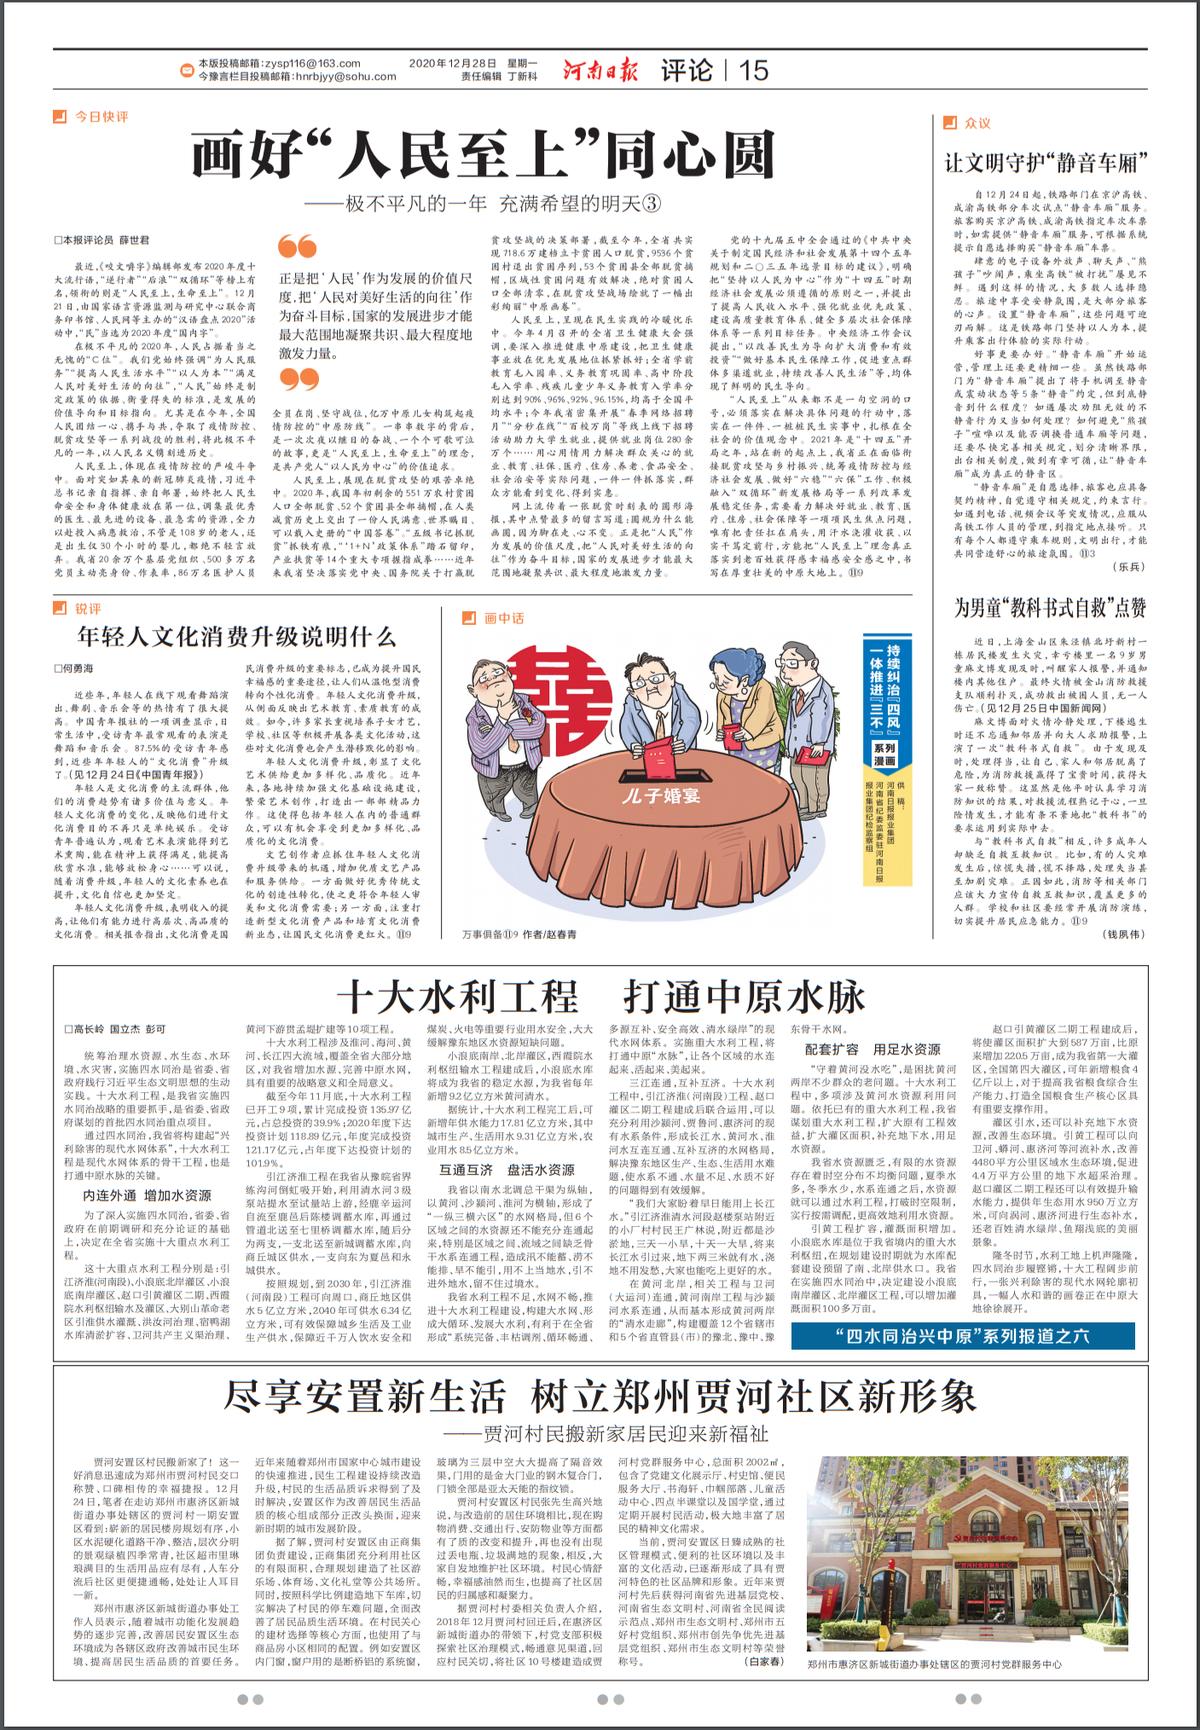 河南日報:十大水利工程 打通中原水脈